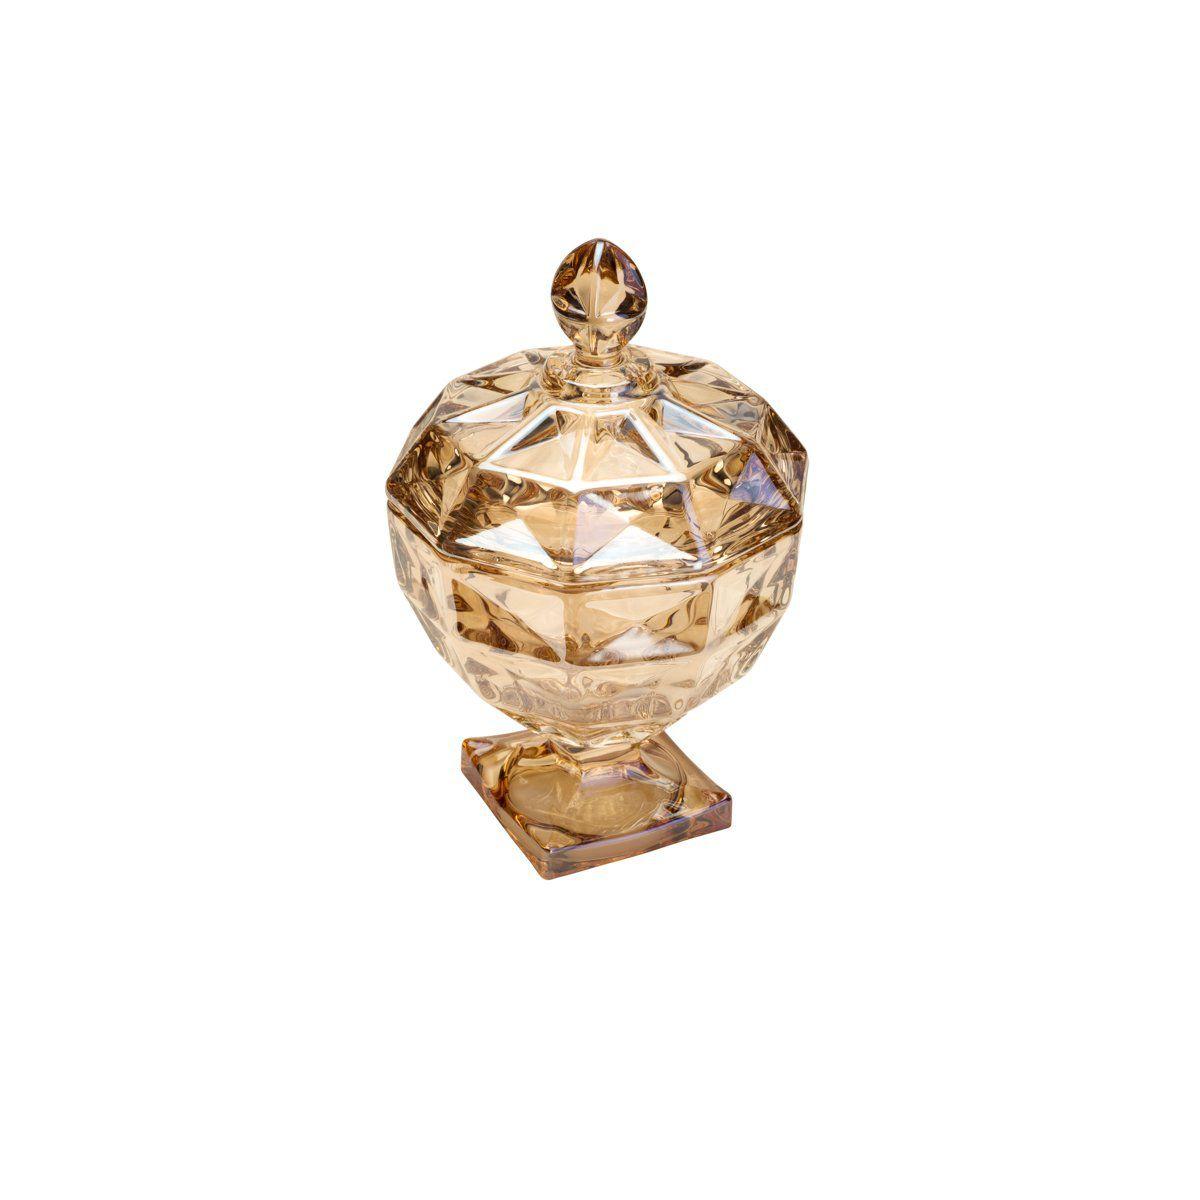 Porta Treco, bomboniere 24 cm de cristal âmbar com pé e tampa Diamant Wolff - 26651